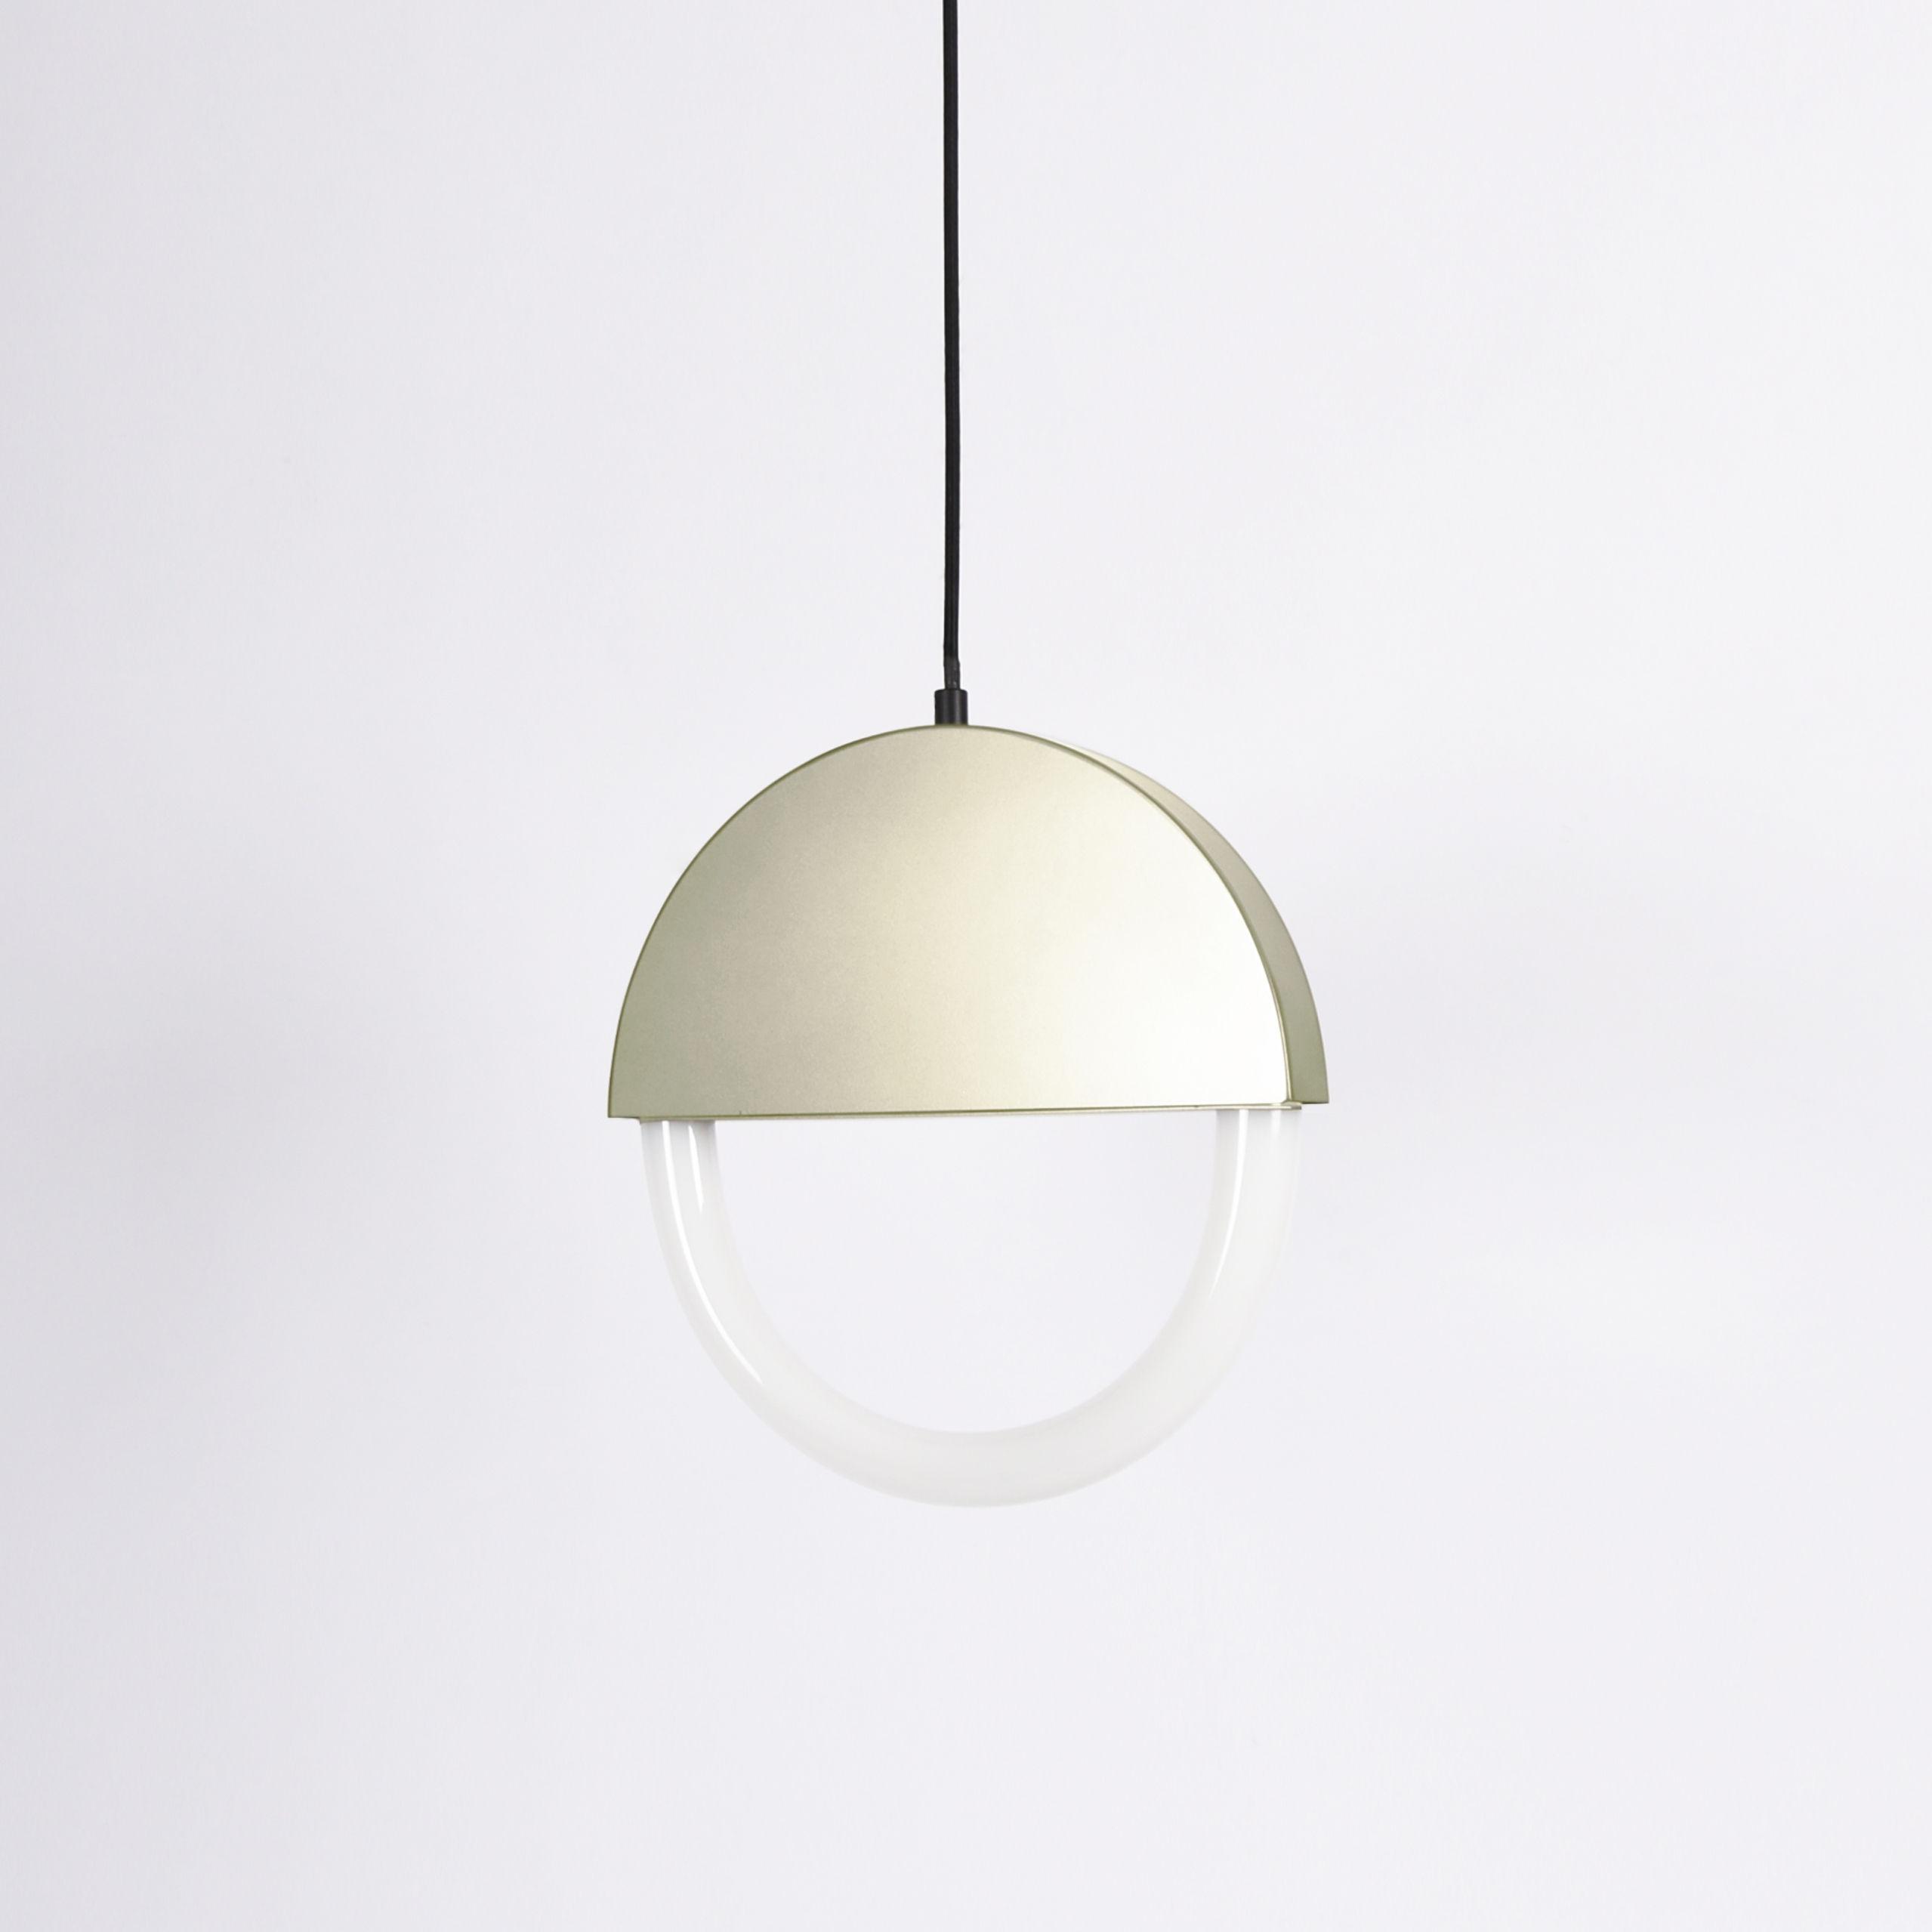 Illuminazione - Lampadari - Sospensione Percent LED - / Ø 30 cm - Forma appiattita di ENOstudio - Champagne - Acciaio verniciato, Vetro